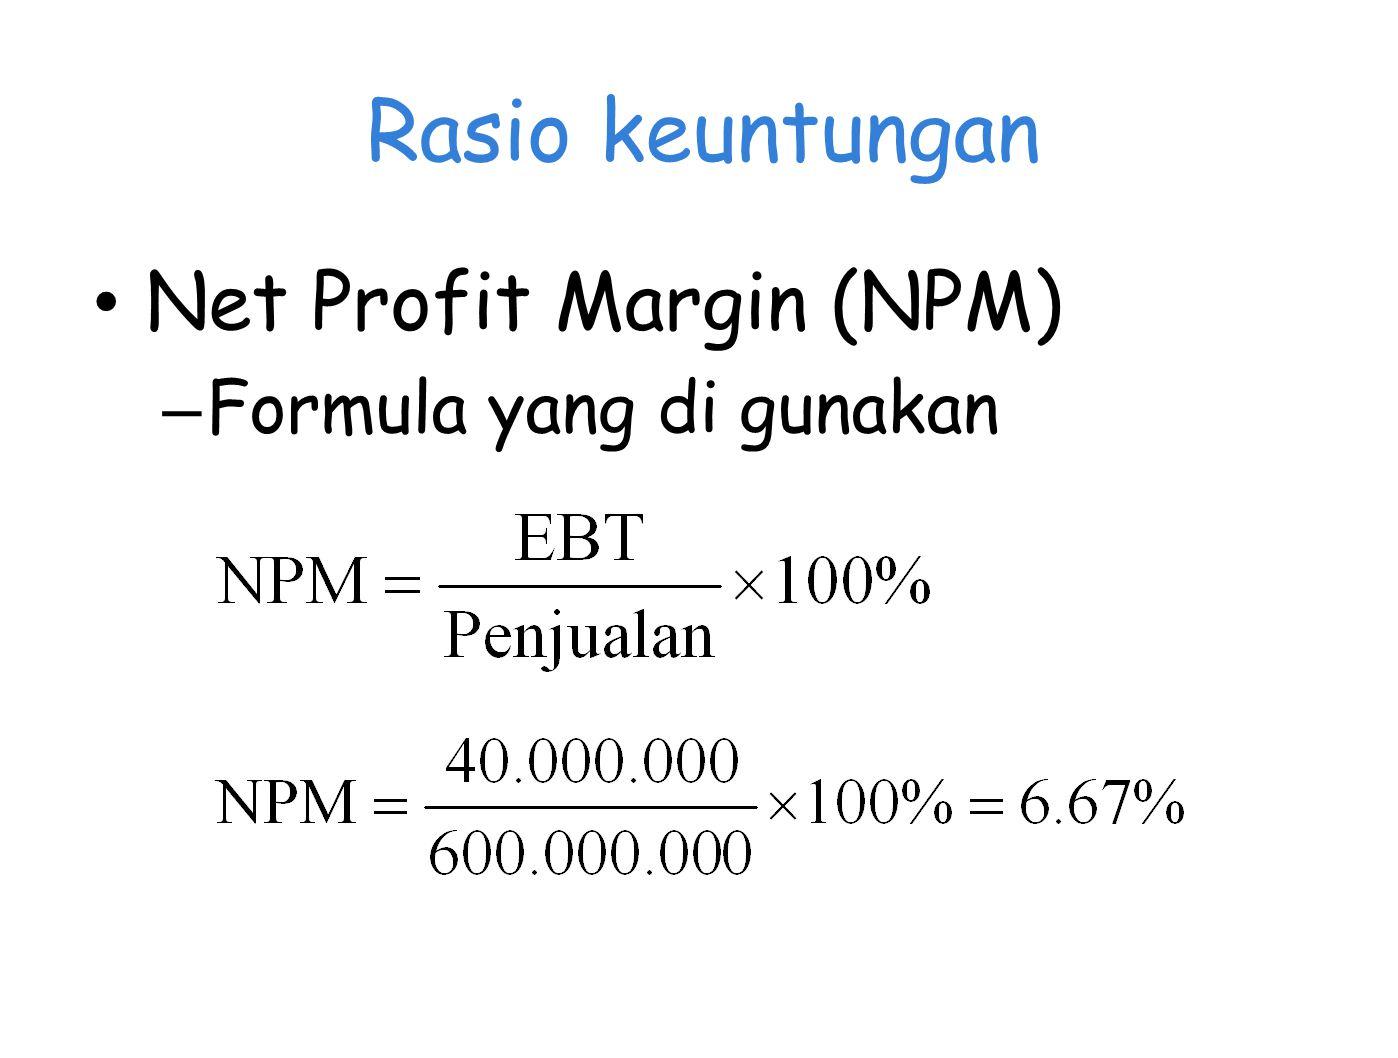 Rasio keuntungan Net Profit Margin (NPM) Formula yang di gunakan